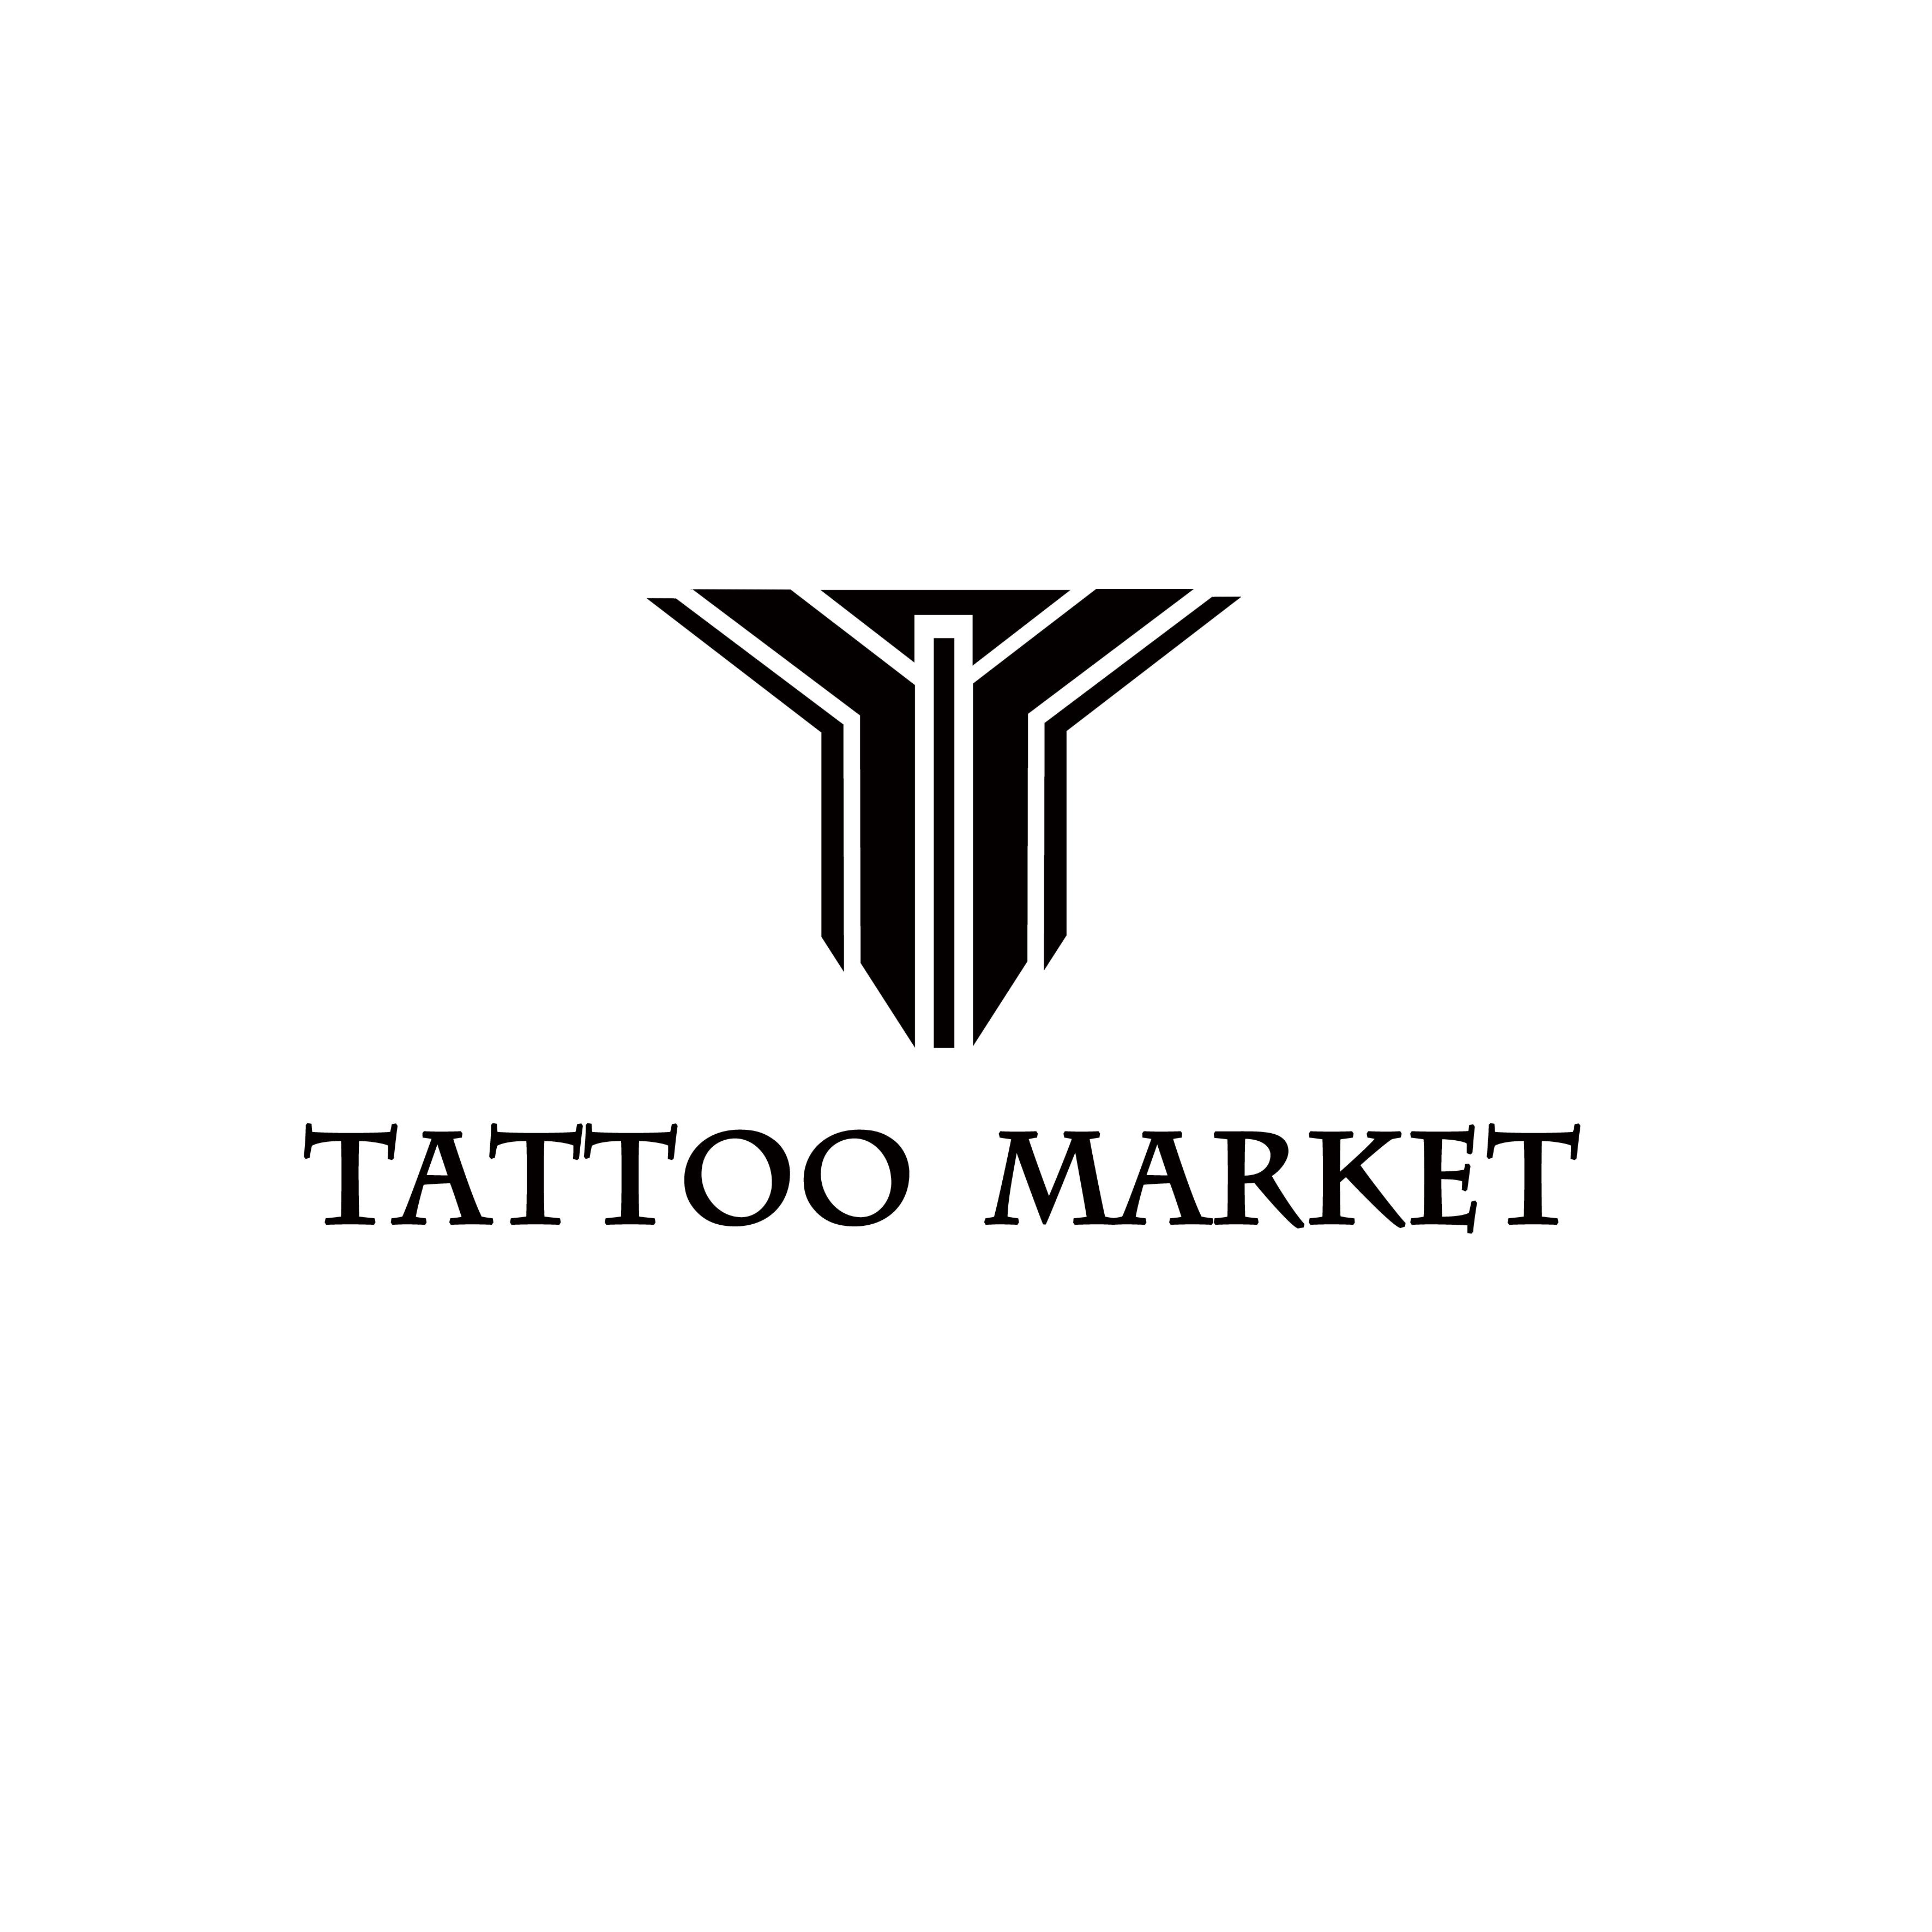 Редизайн логотипа магазина тату оборудования TattooMarket.ru фото f_3275c39ce9039b9b.jpg